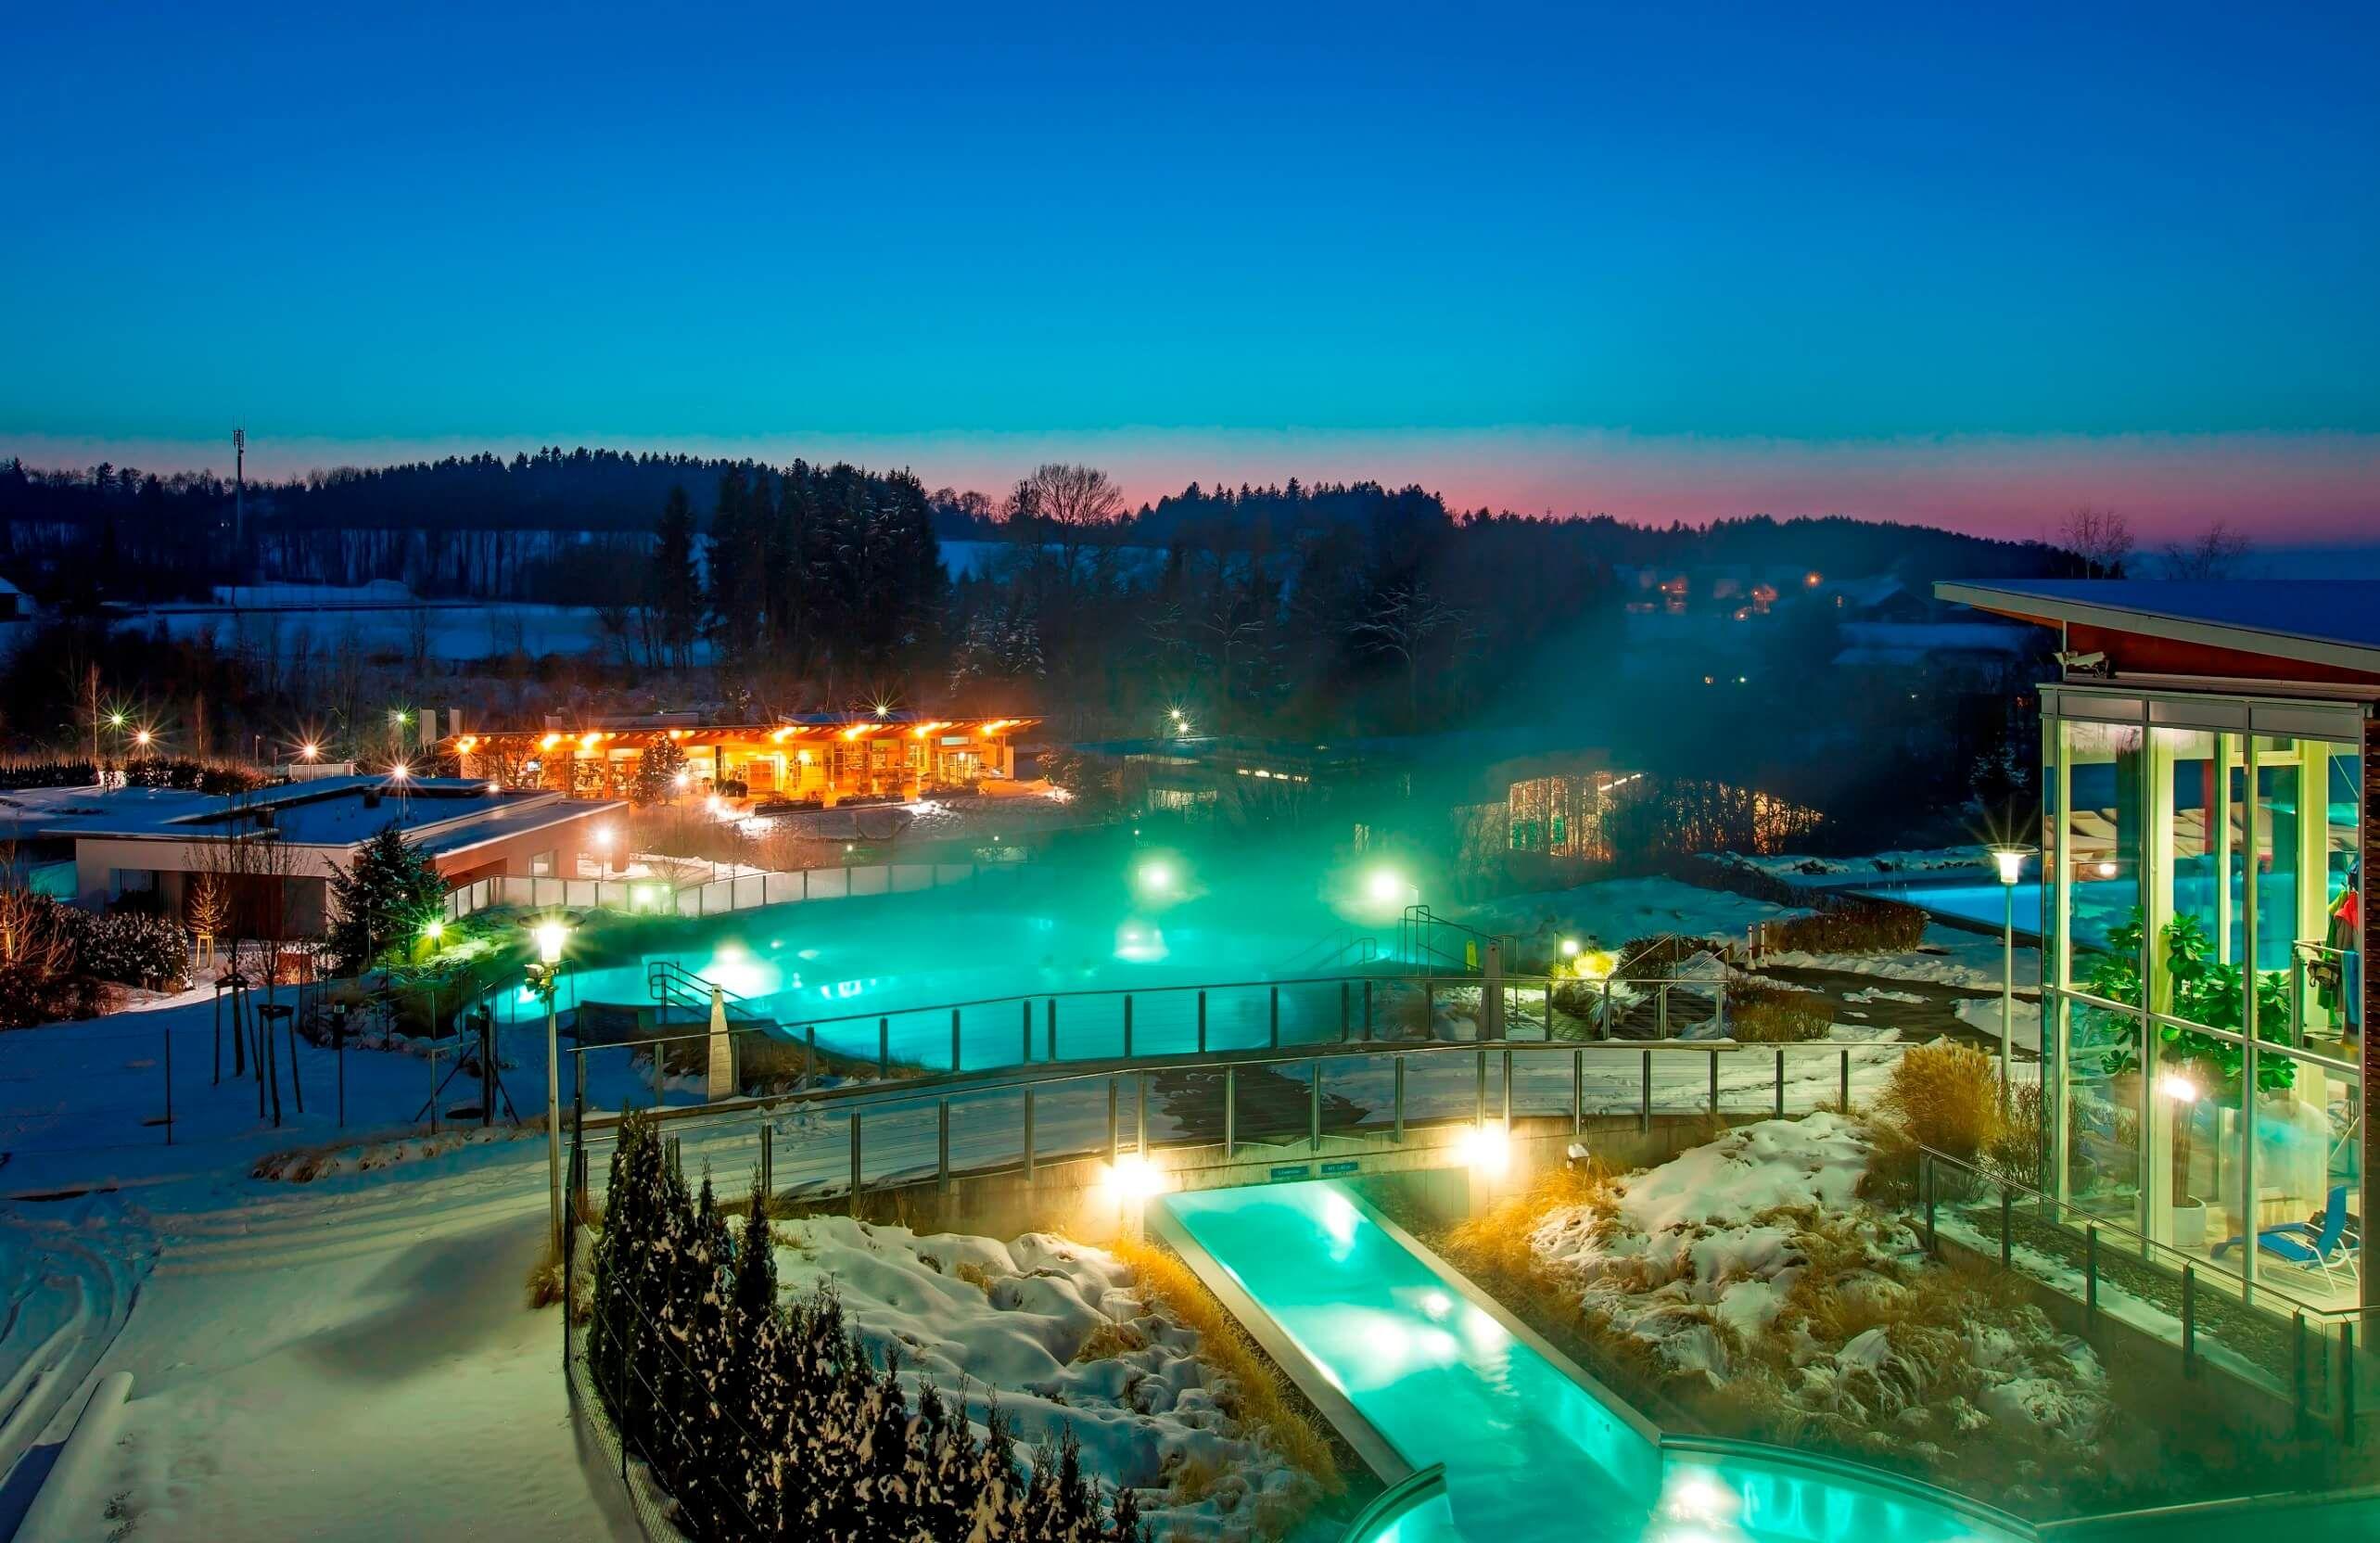 [Februar-April]4 Sterne Resort Therme Geinberg (Österreich) inkl. 2 Tageseintrite in die Therme (Wert: 240€) inkl. Frühstück für 79.50 € p.P.